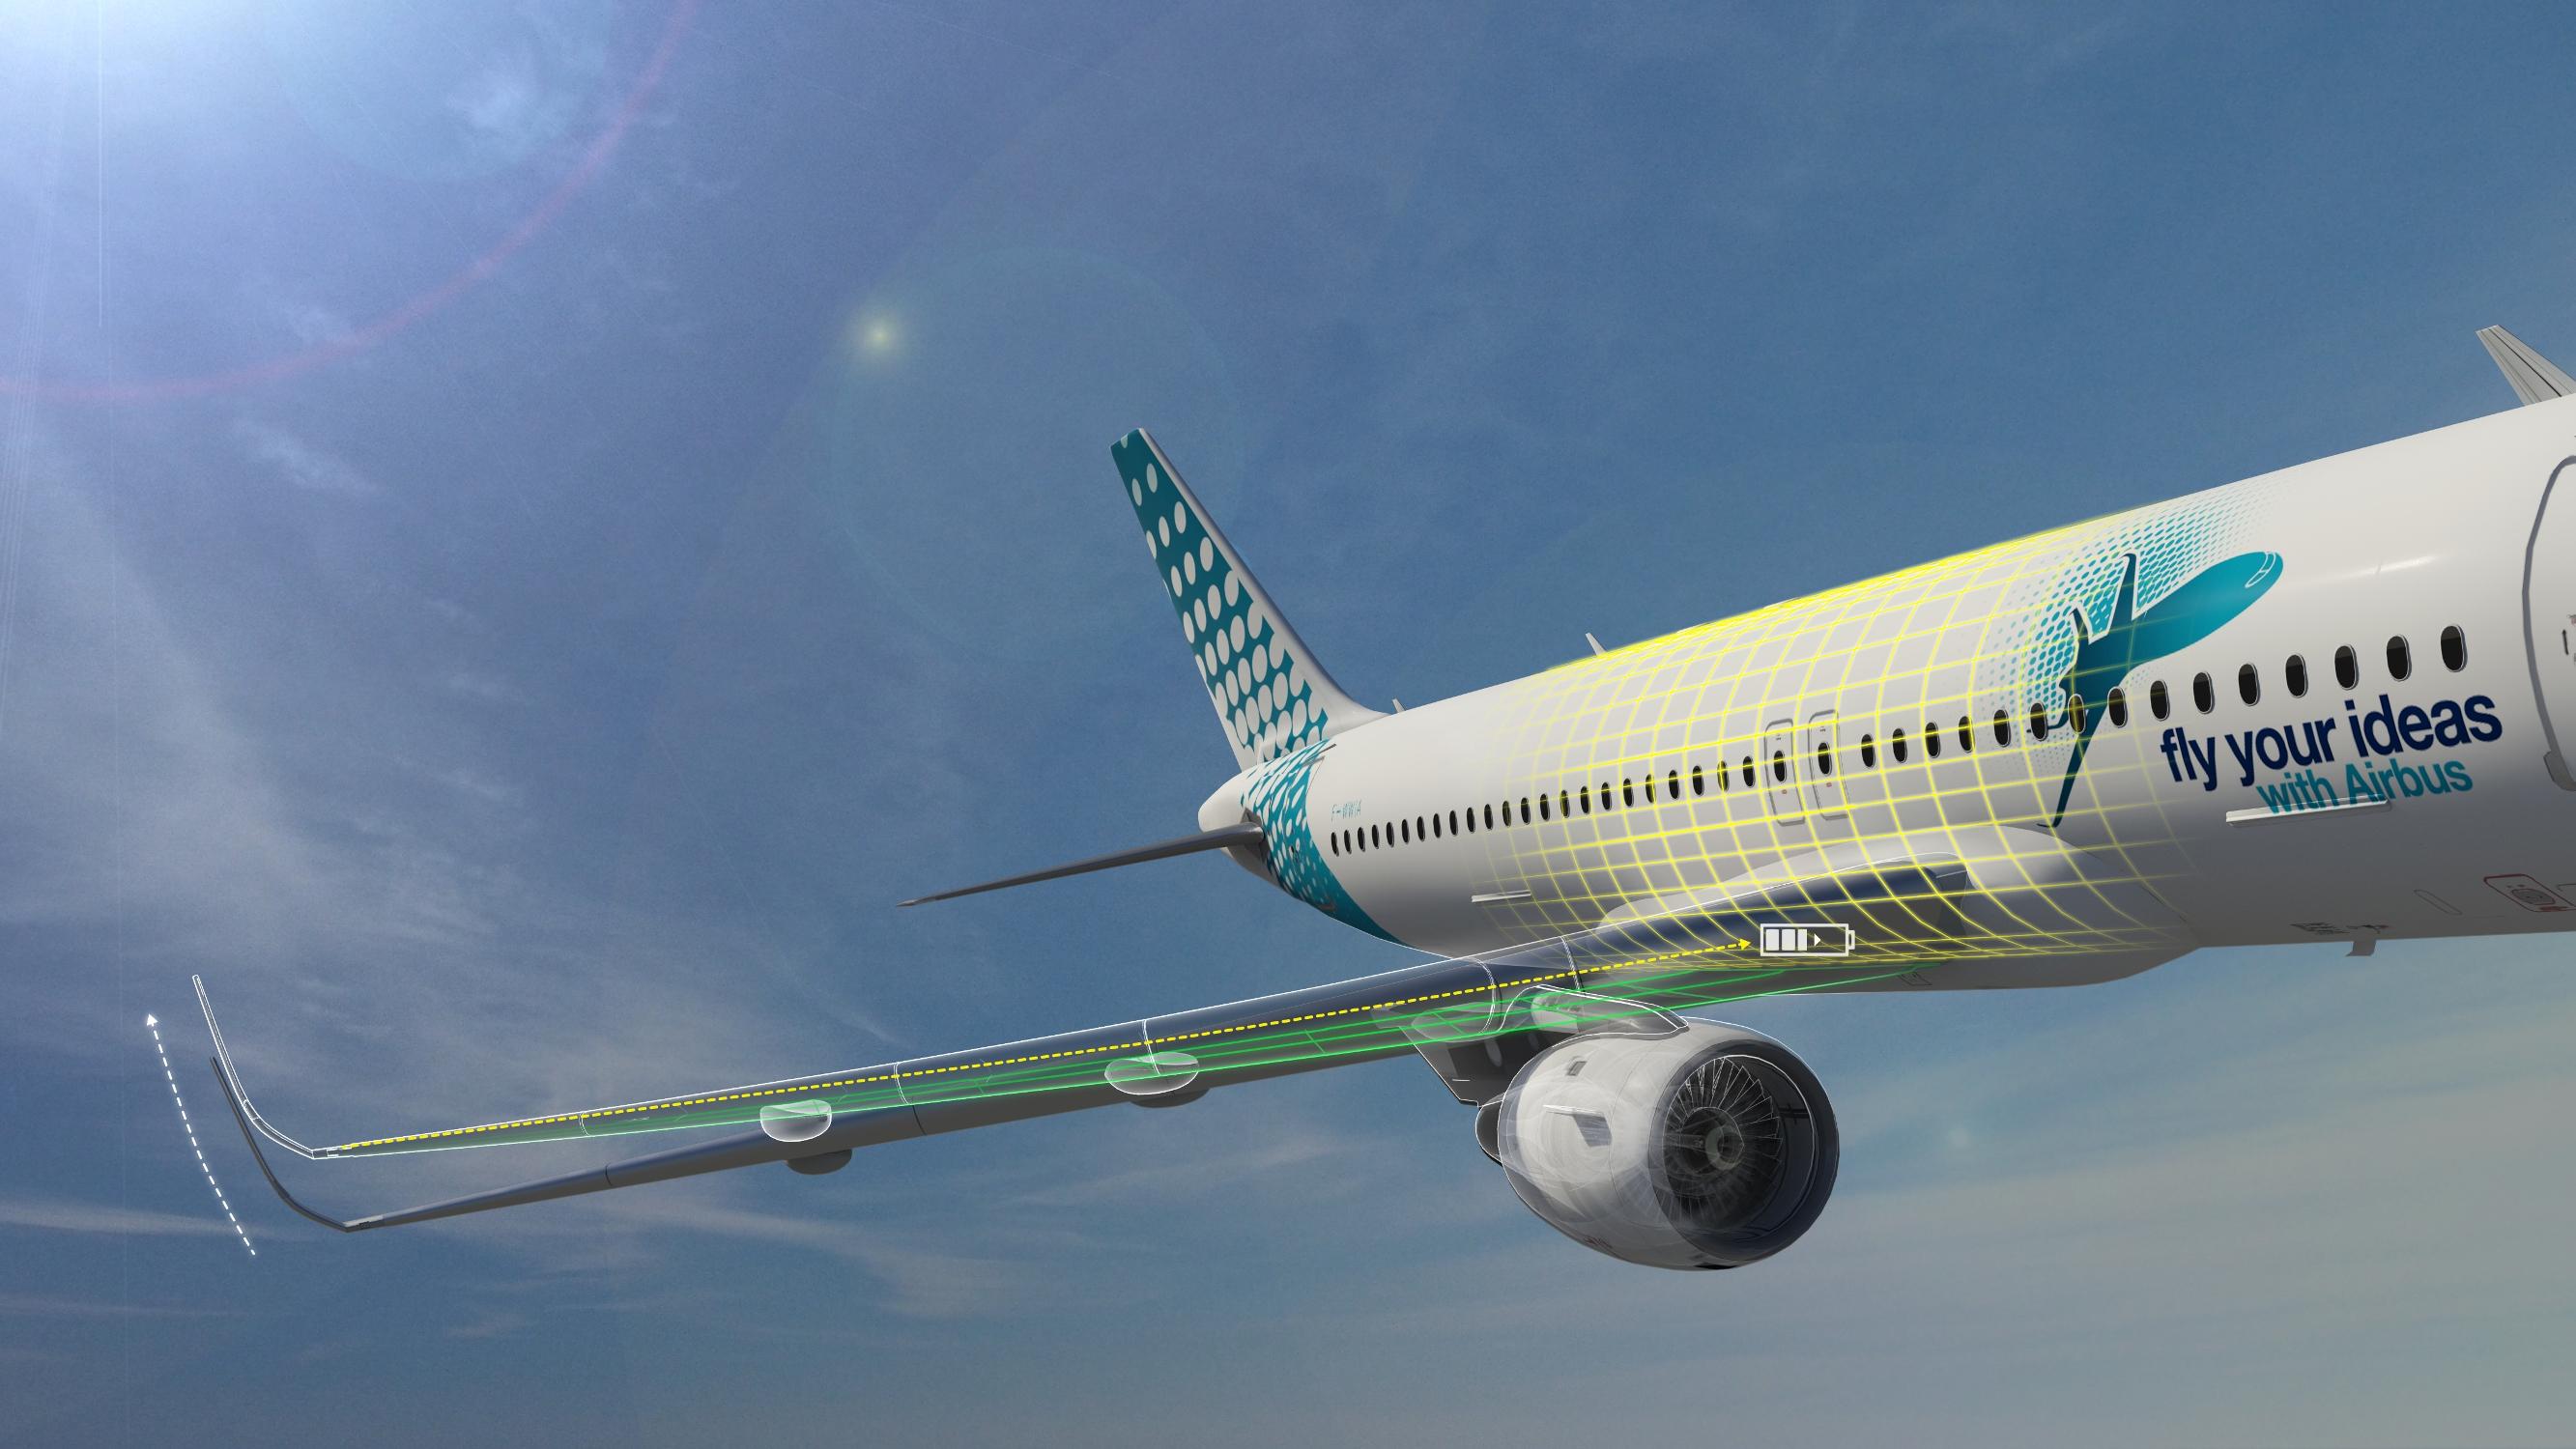 Consortium member Airbus Industrie